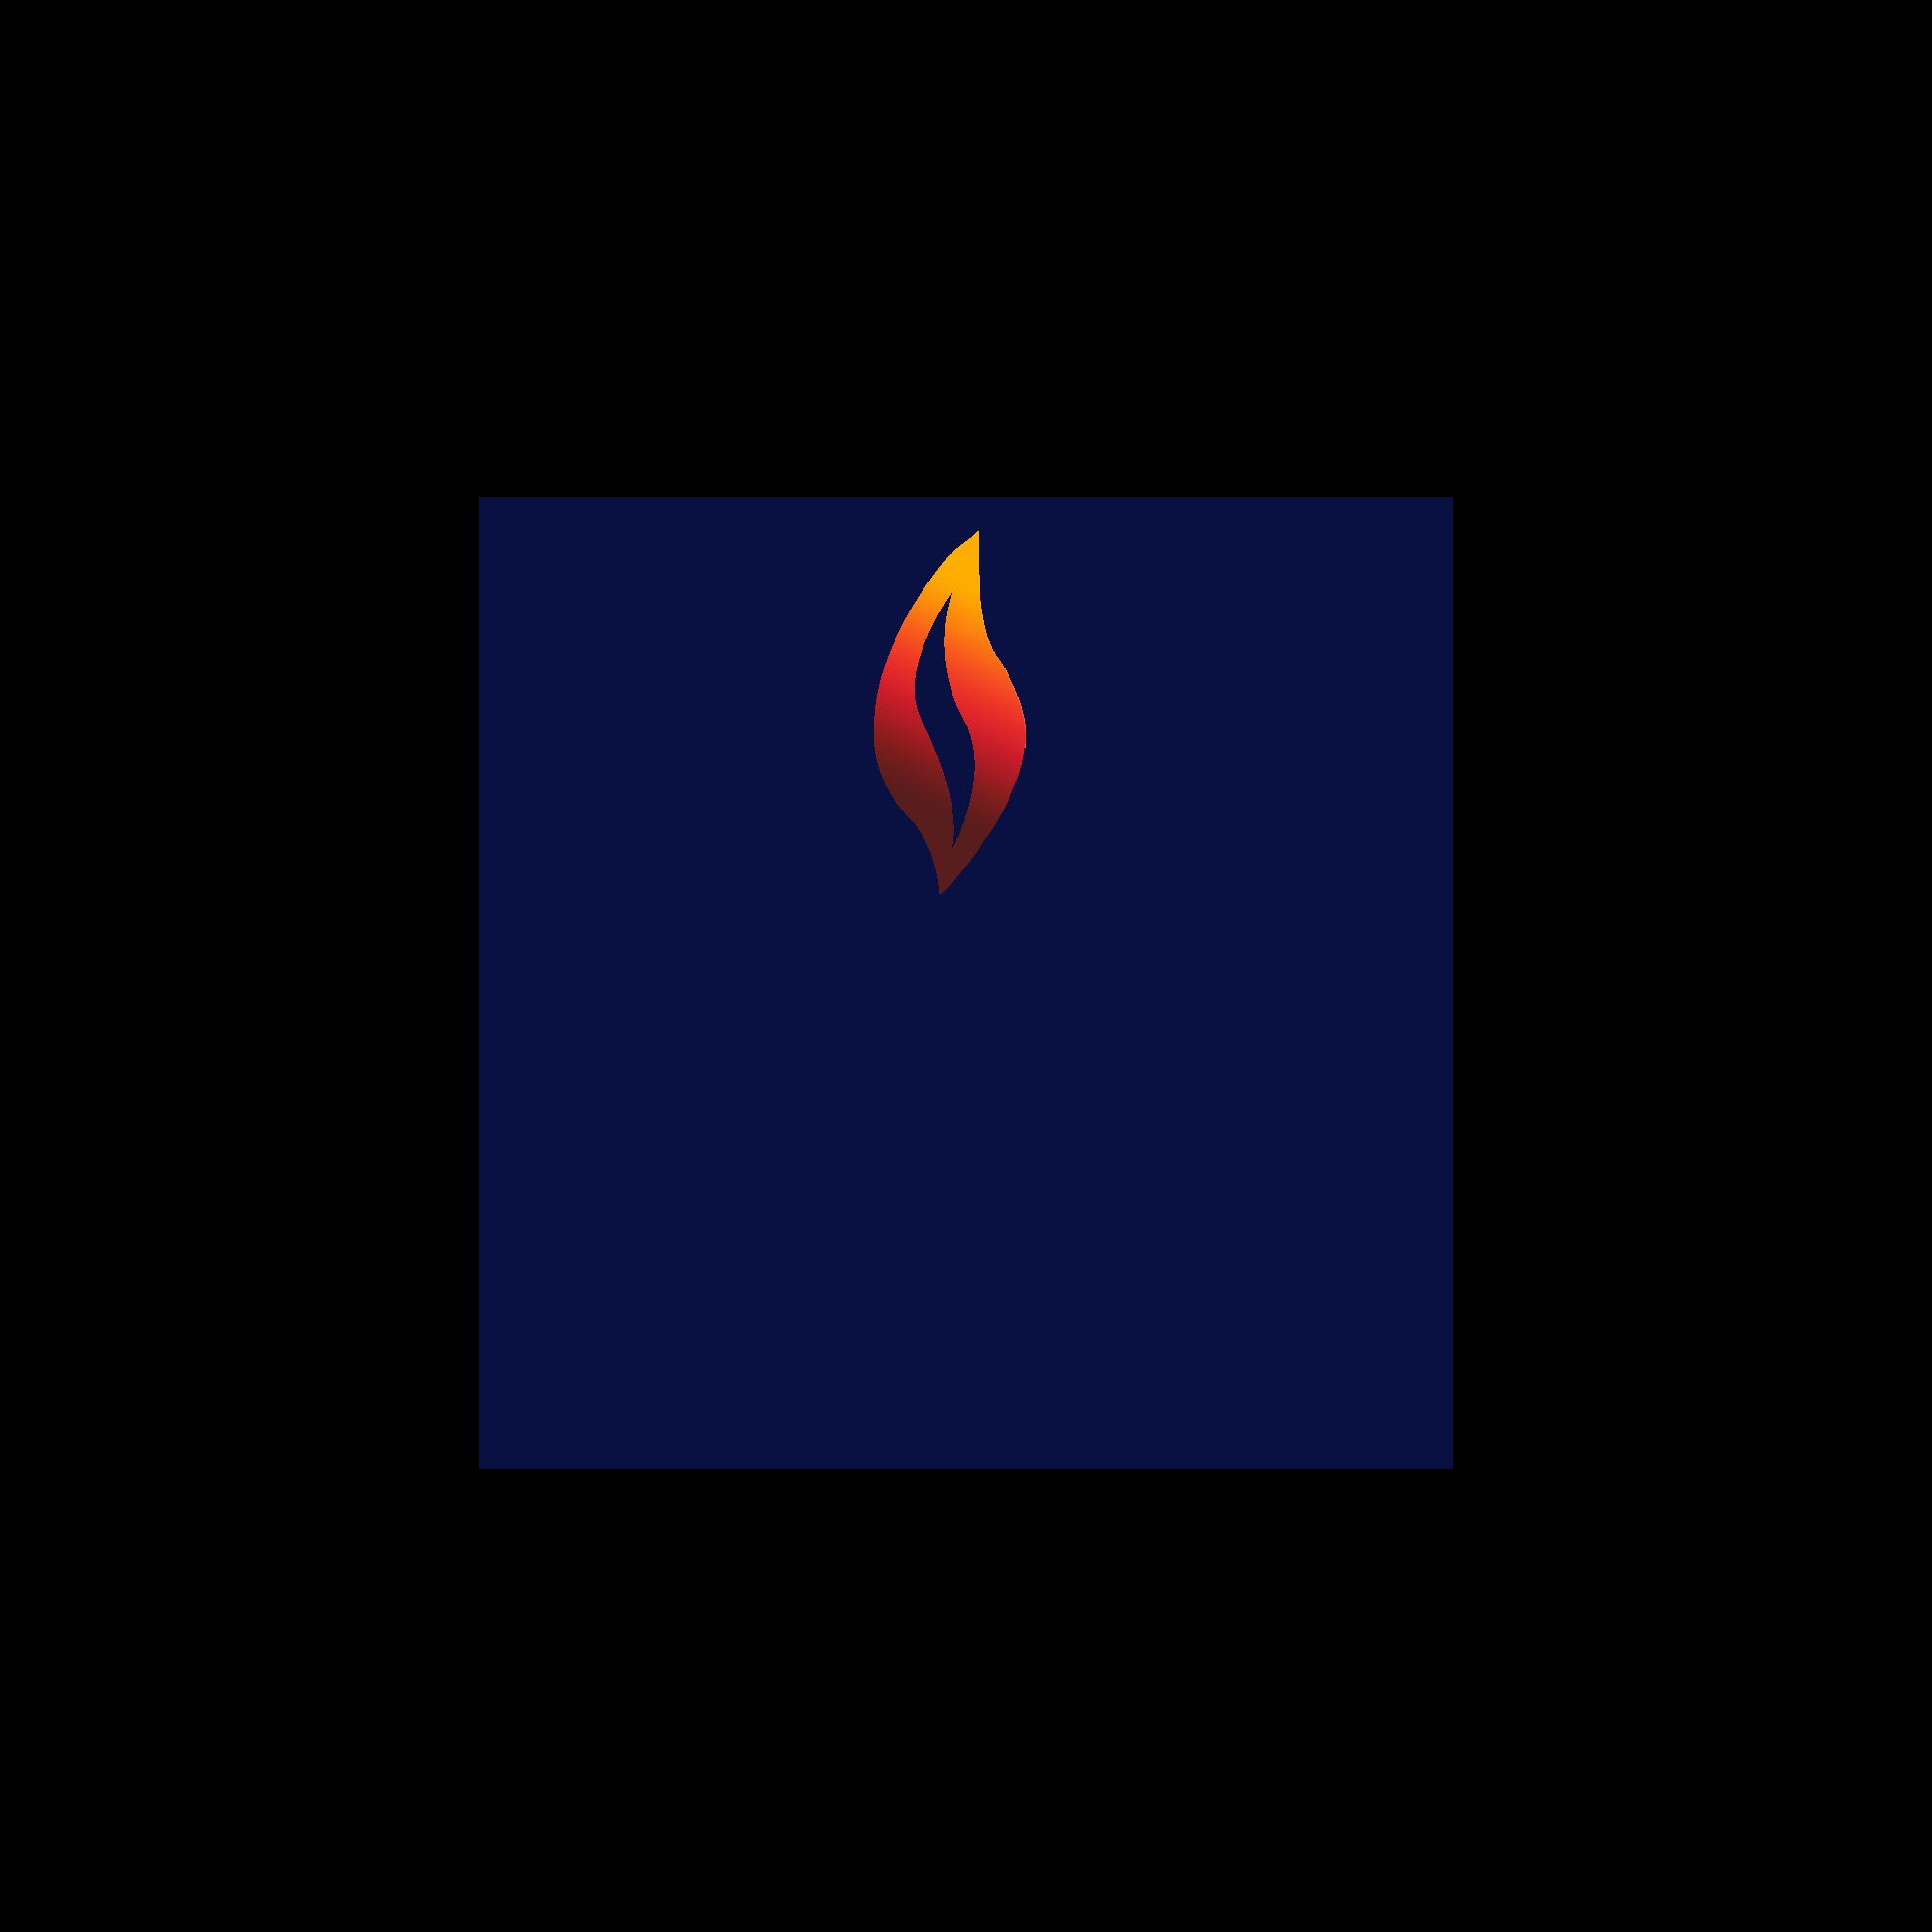 杭州一灯科技有限公司